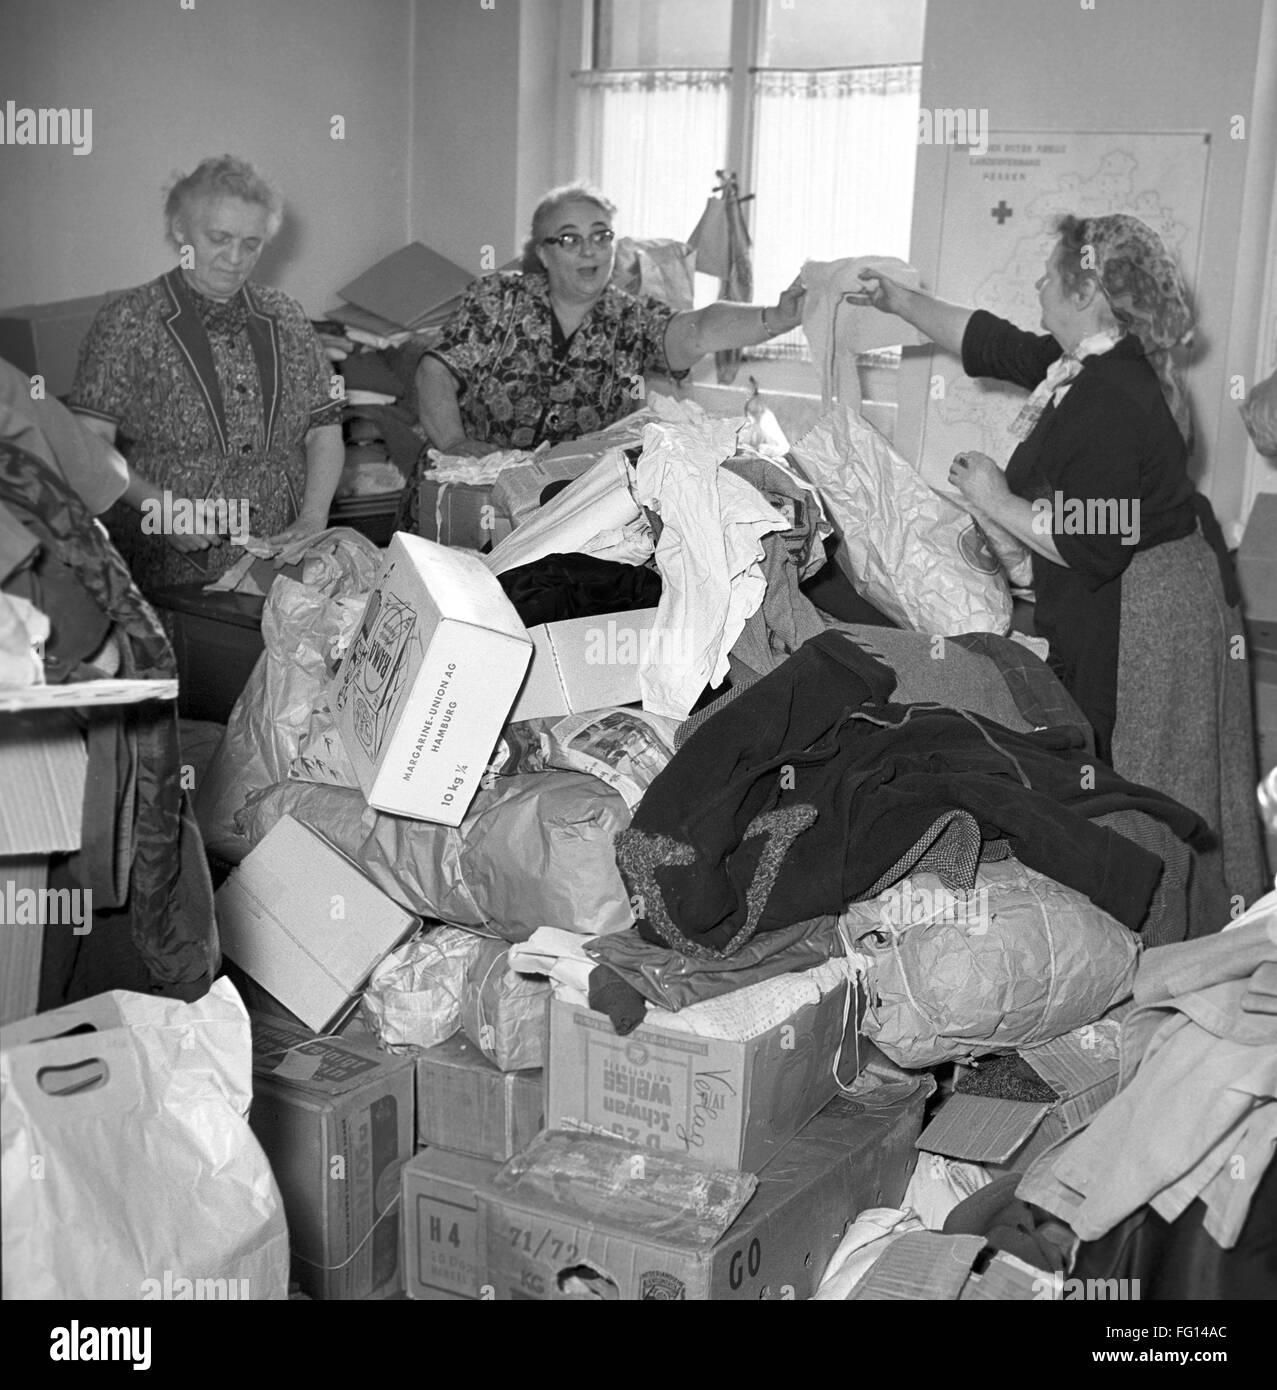 Deutsches Rotes Kreuz Arbeiter in Frankfurt im November 1956 mit Spenden für ungarische Flüchtlinge. Aufgrund Stockbild